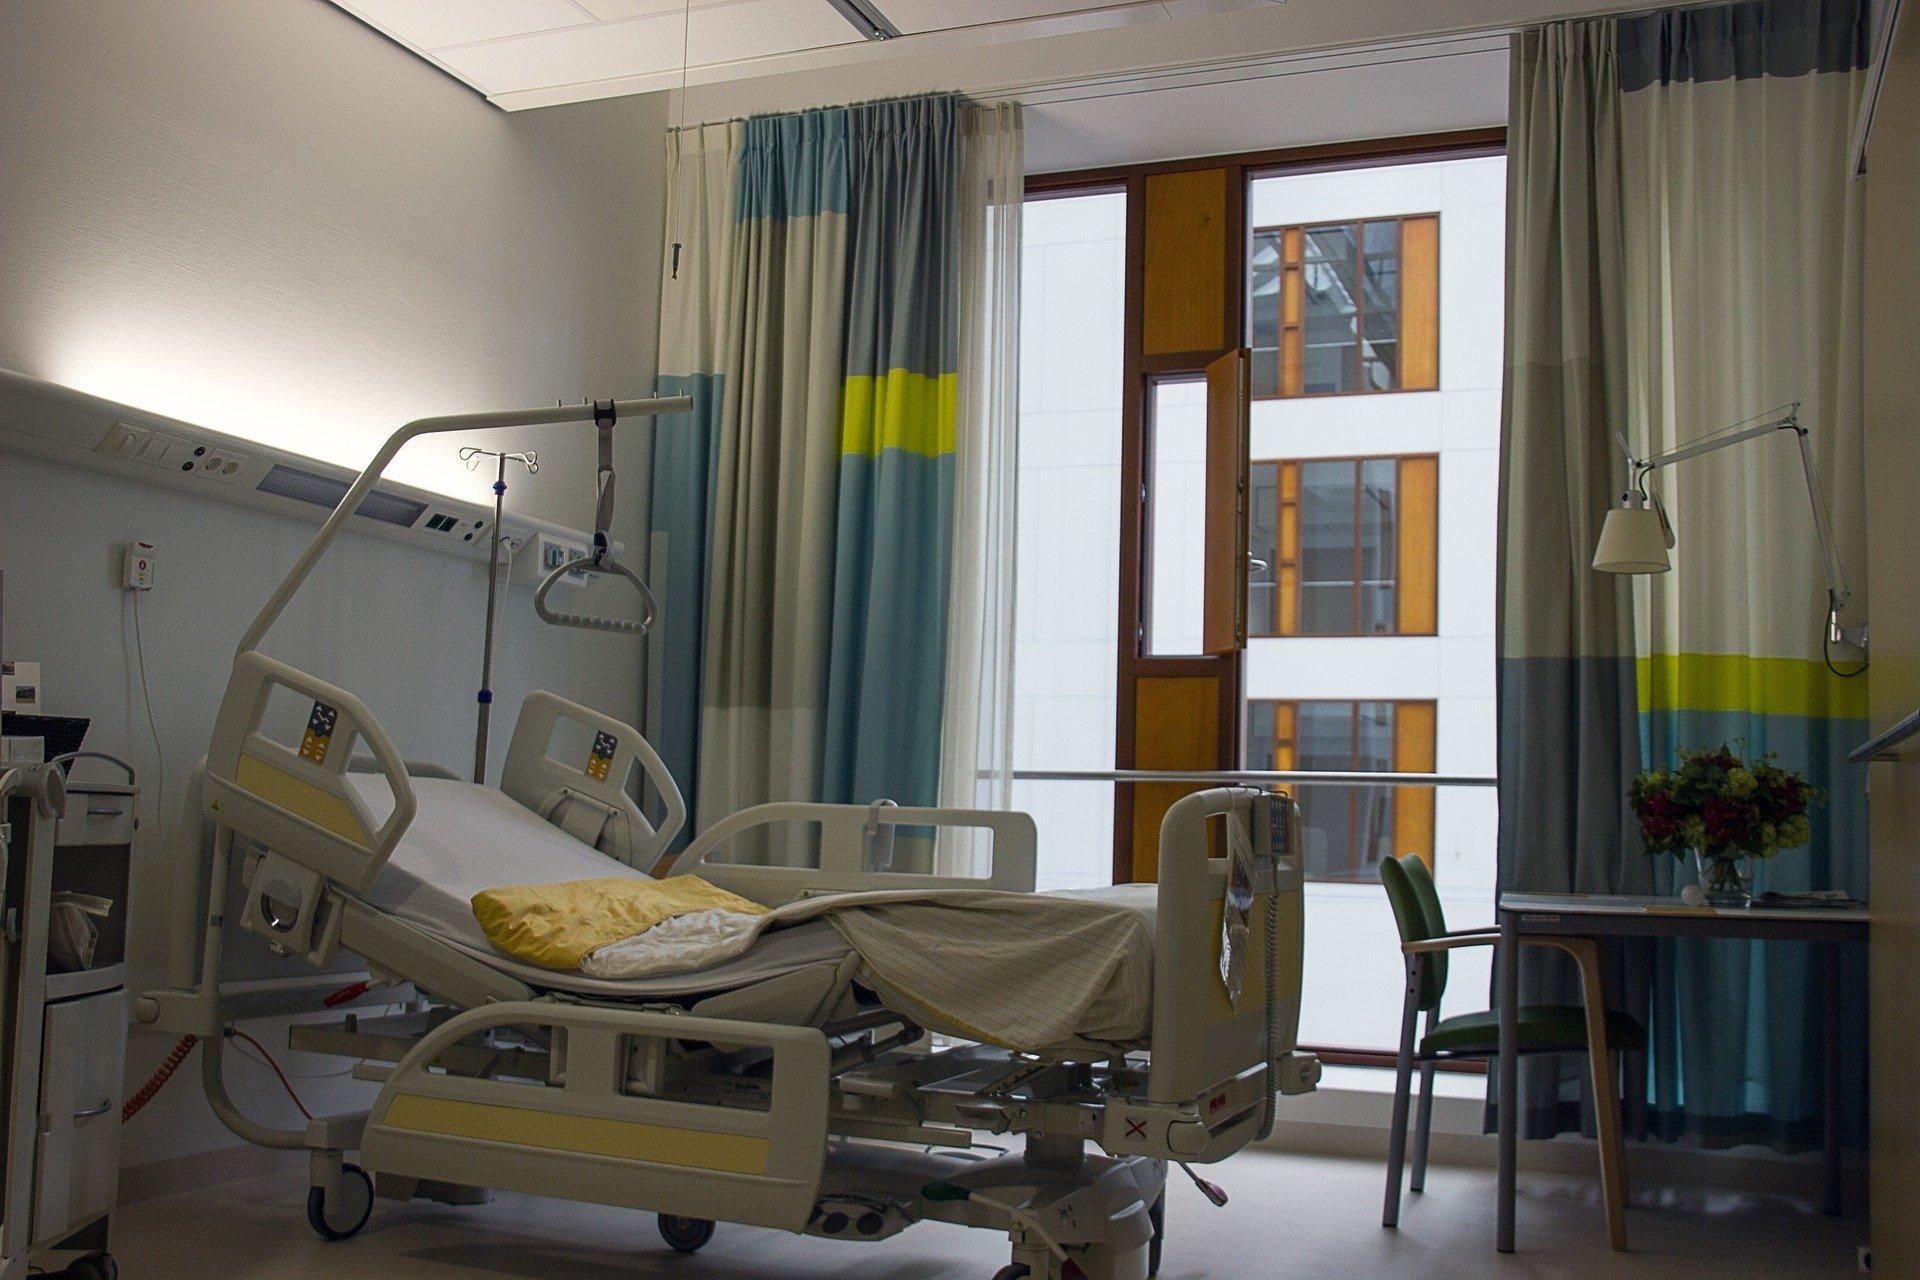 Cama hospitalar em quarto de hospital.